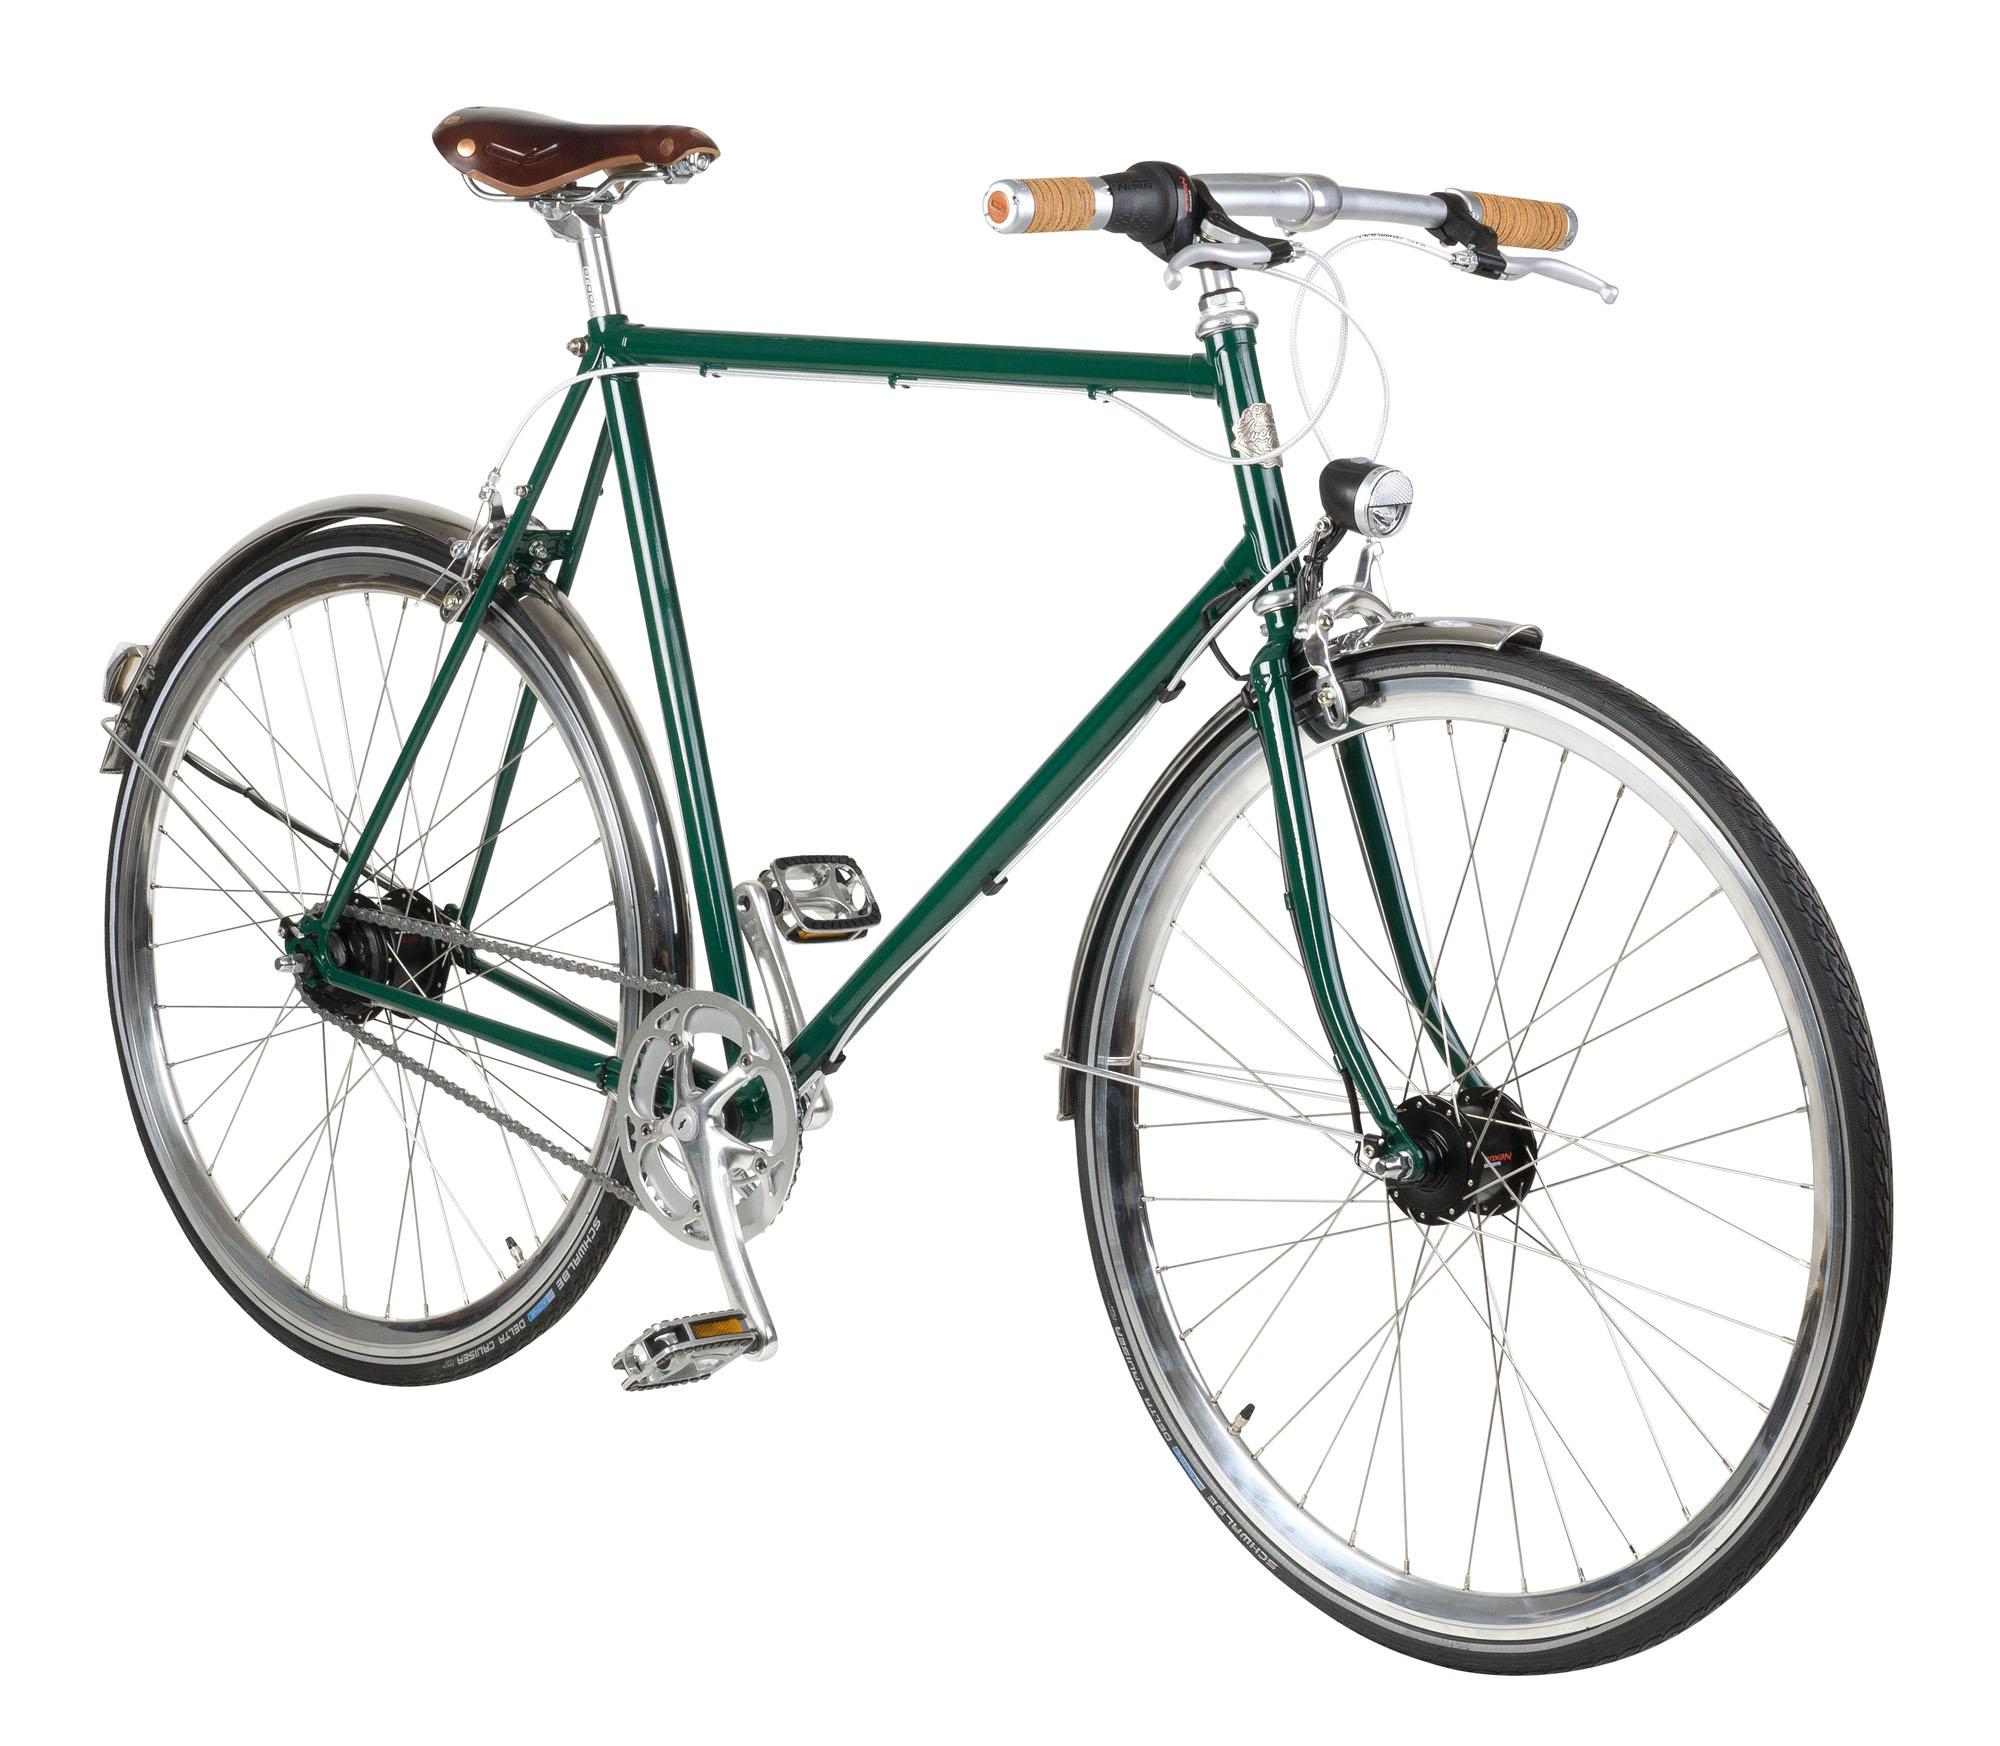 Rennrad Beleuchtung | Beleuchtung Fahrrad Stvo Beleuchtung Rennrad Stvo